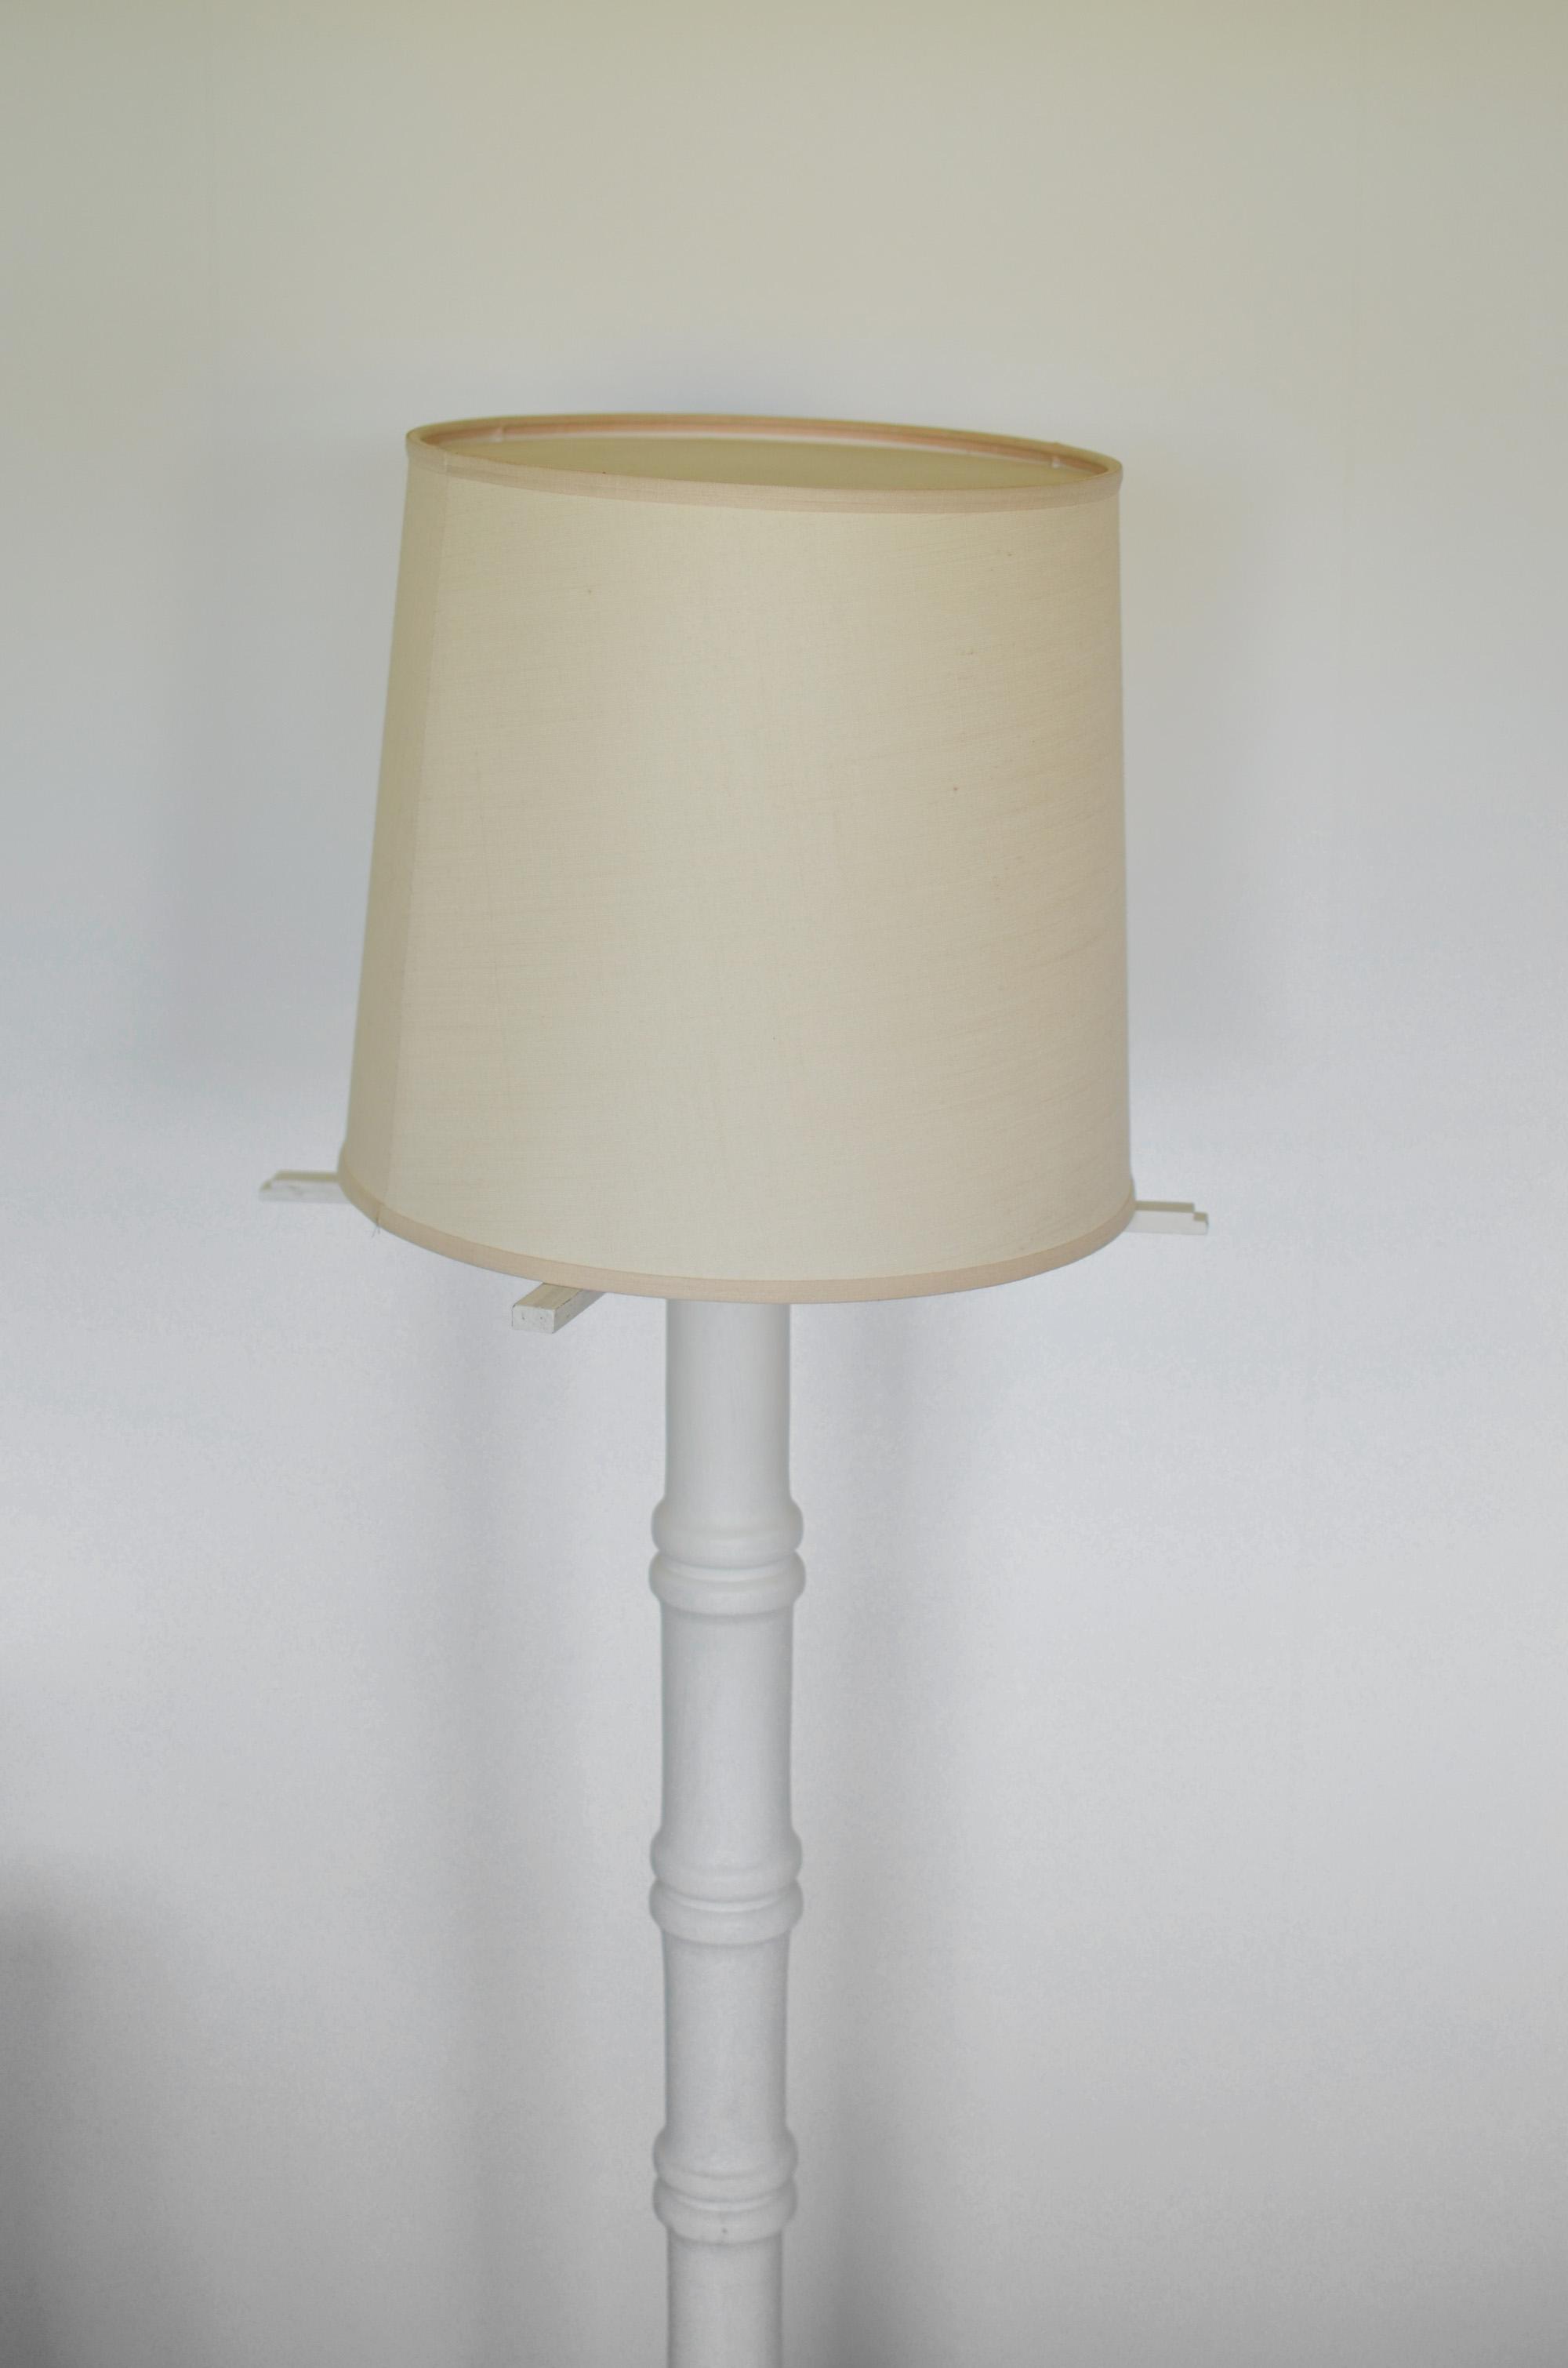 Lampa Före